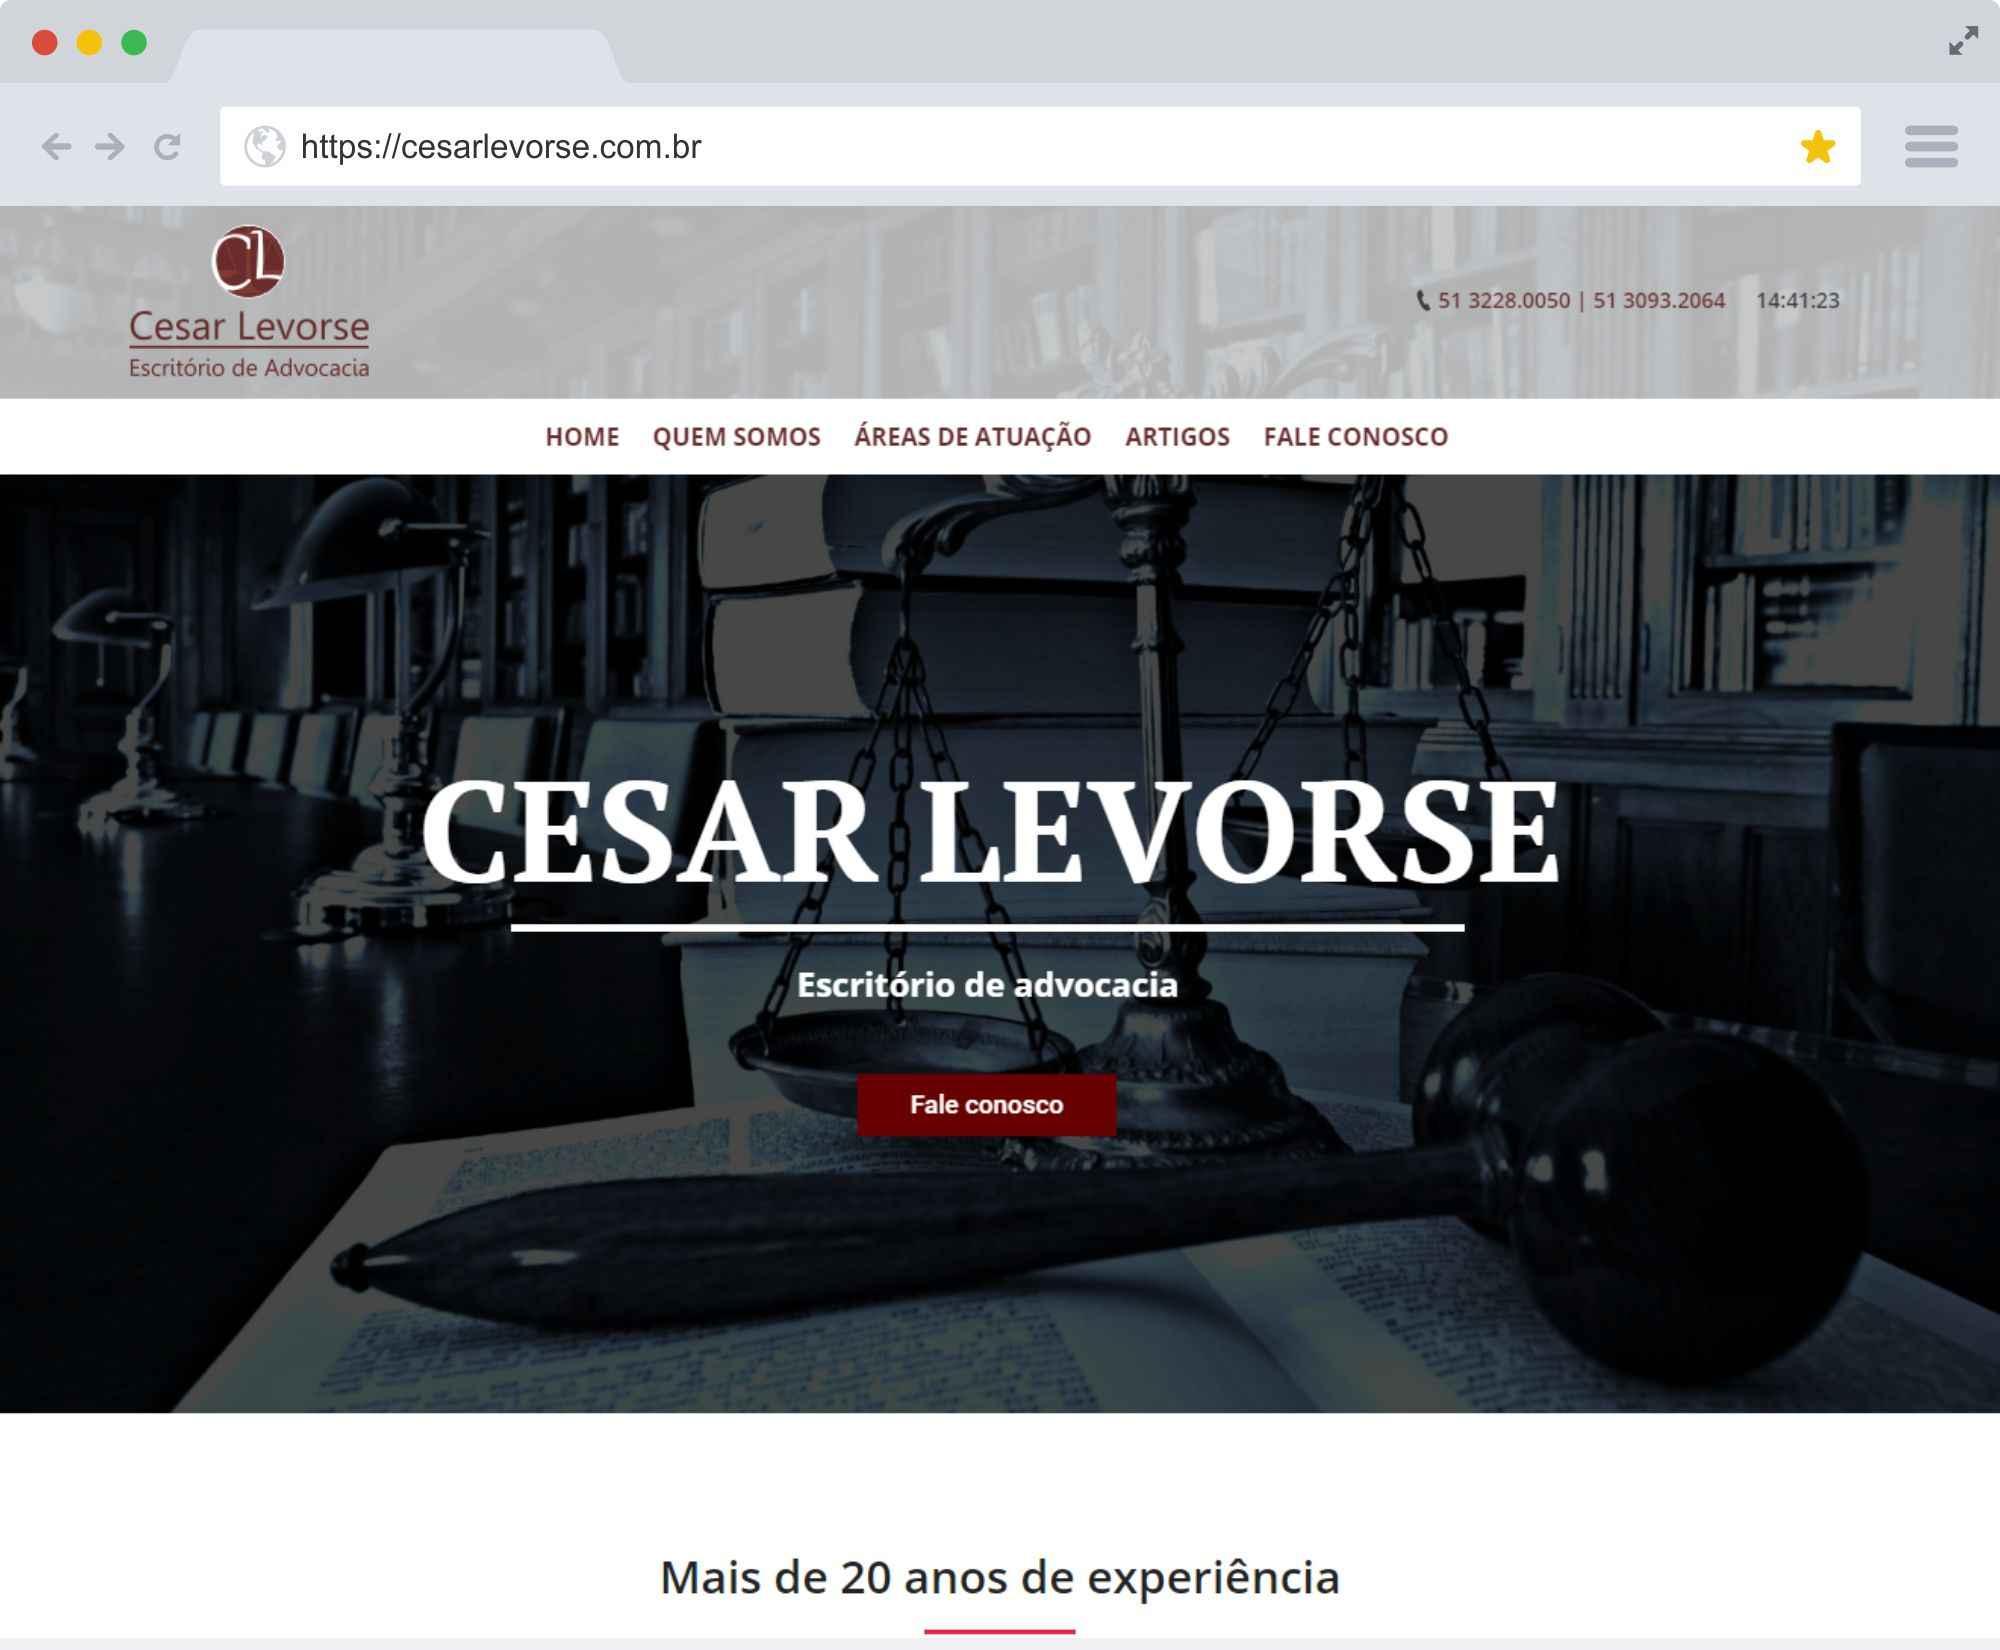 cesarlevorse.com.br